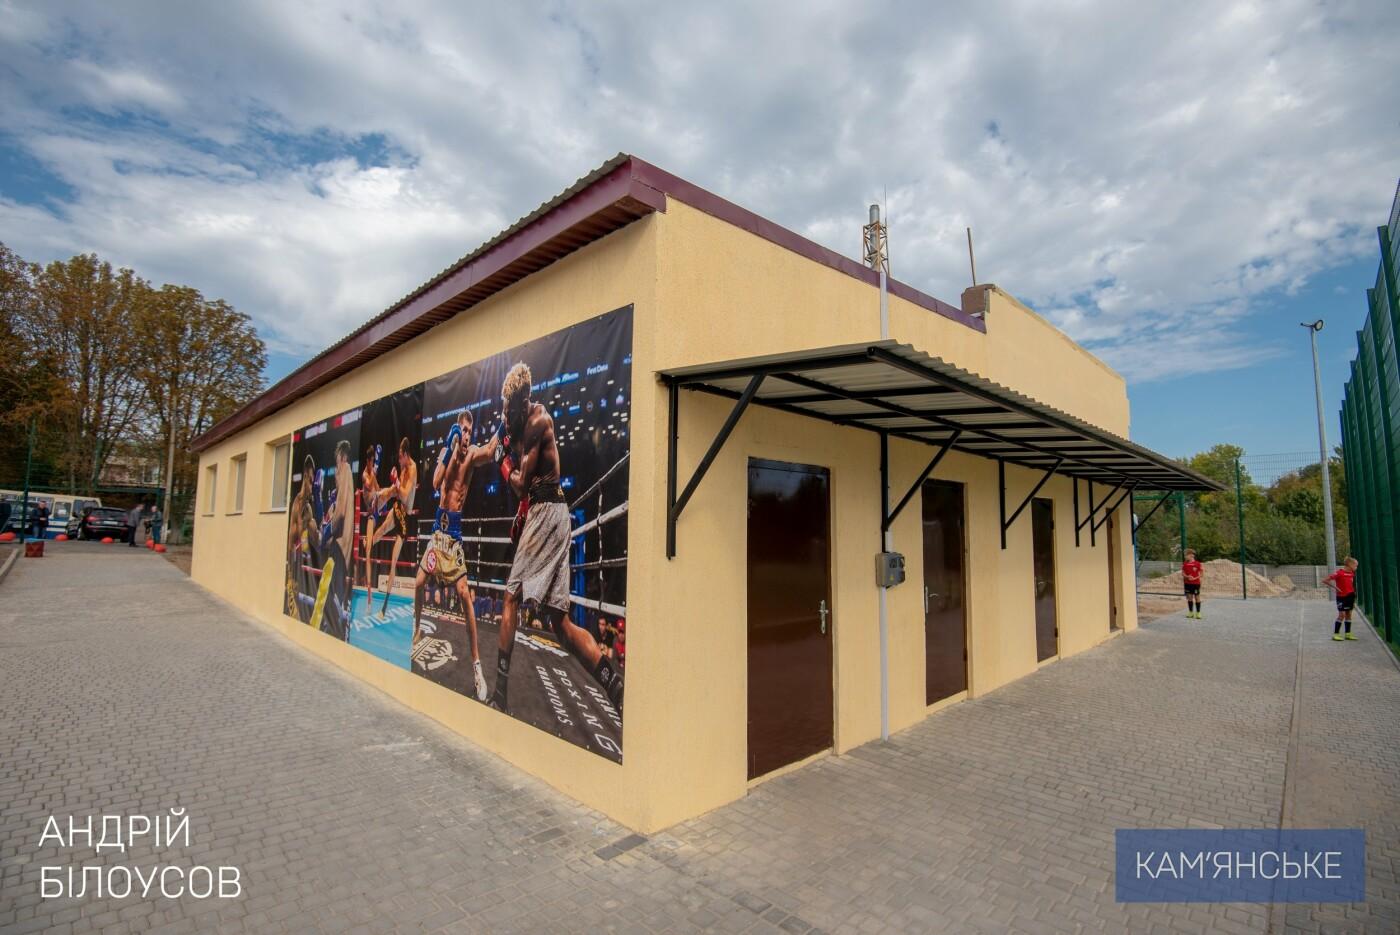 В Карнауховке открыли многофункциональный спортивный комплекс, фото-3